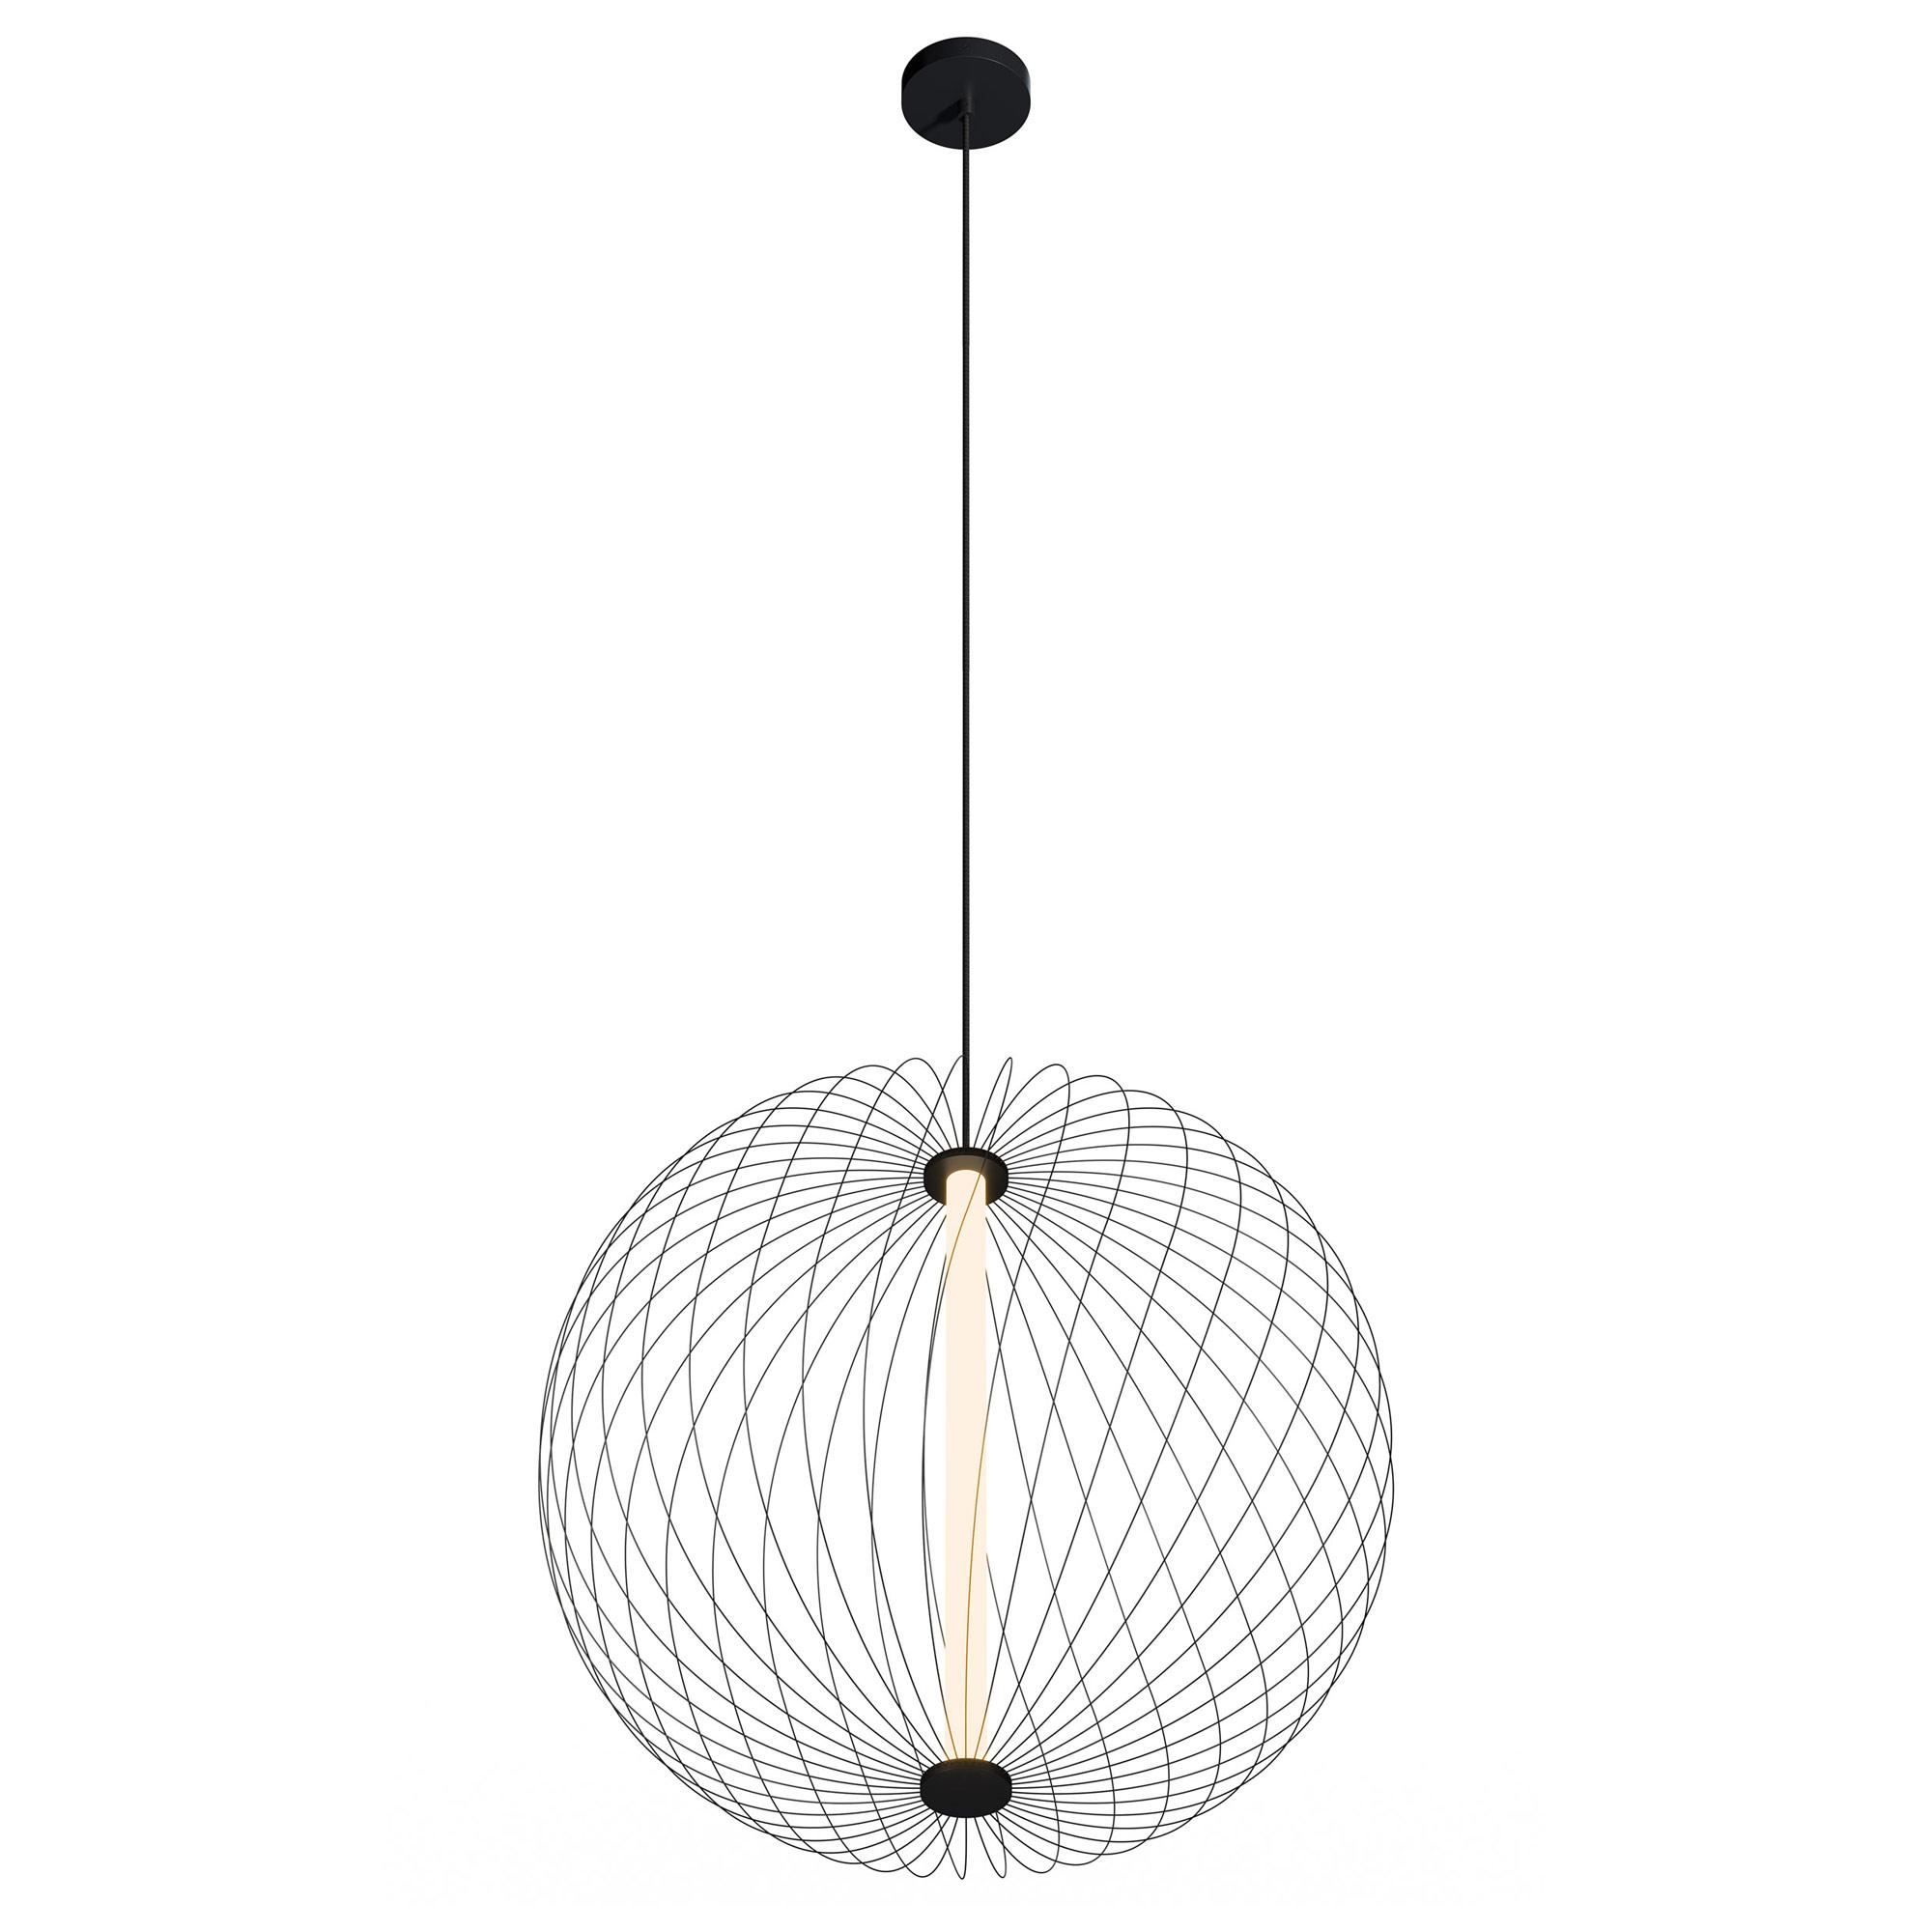 Wireframe Atom Round Pendant By Modern Lighting Ml S Wfar 25 5w 30k Bk